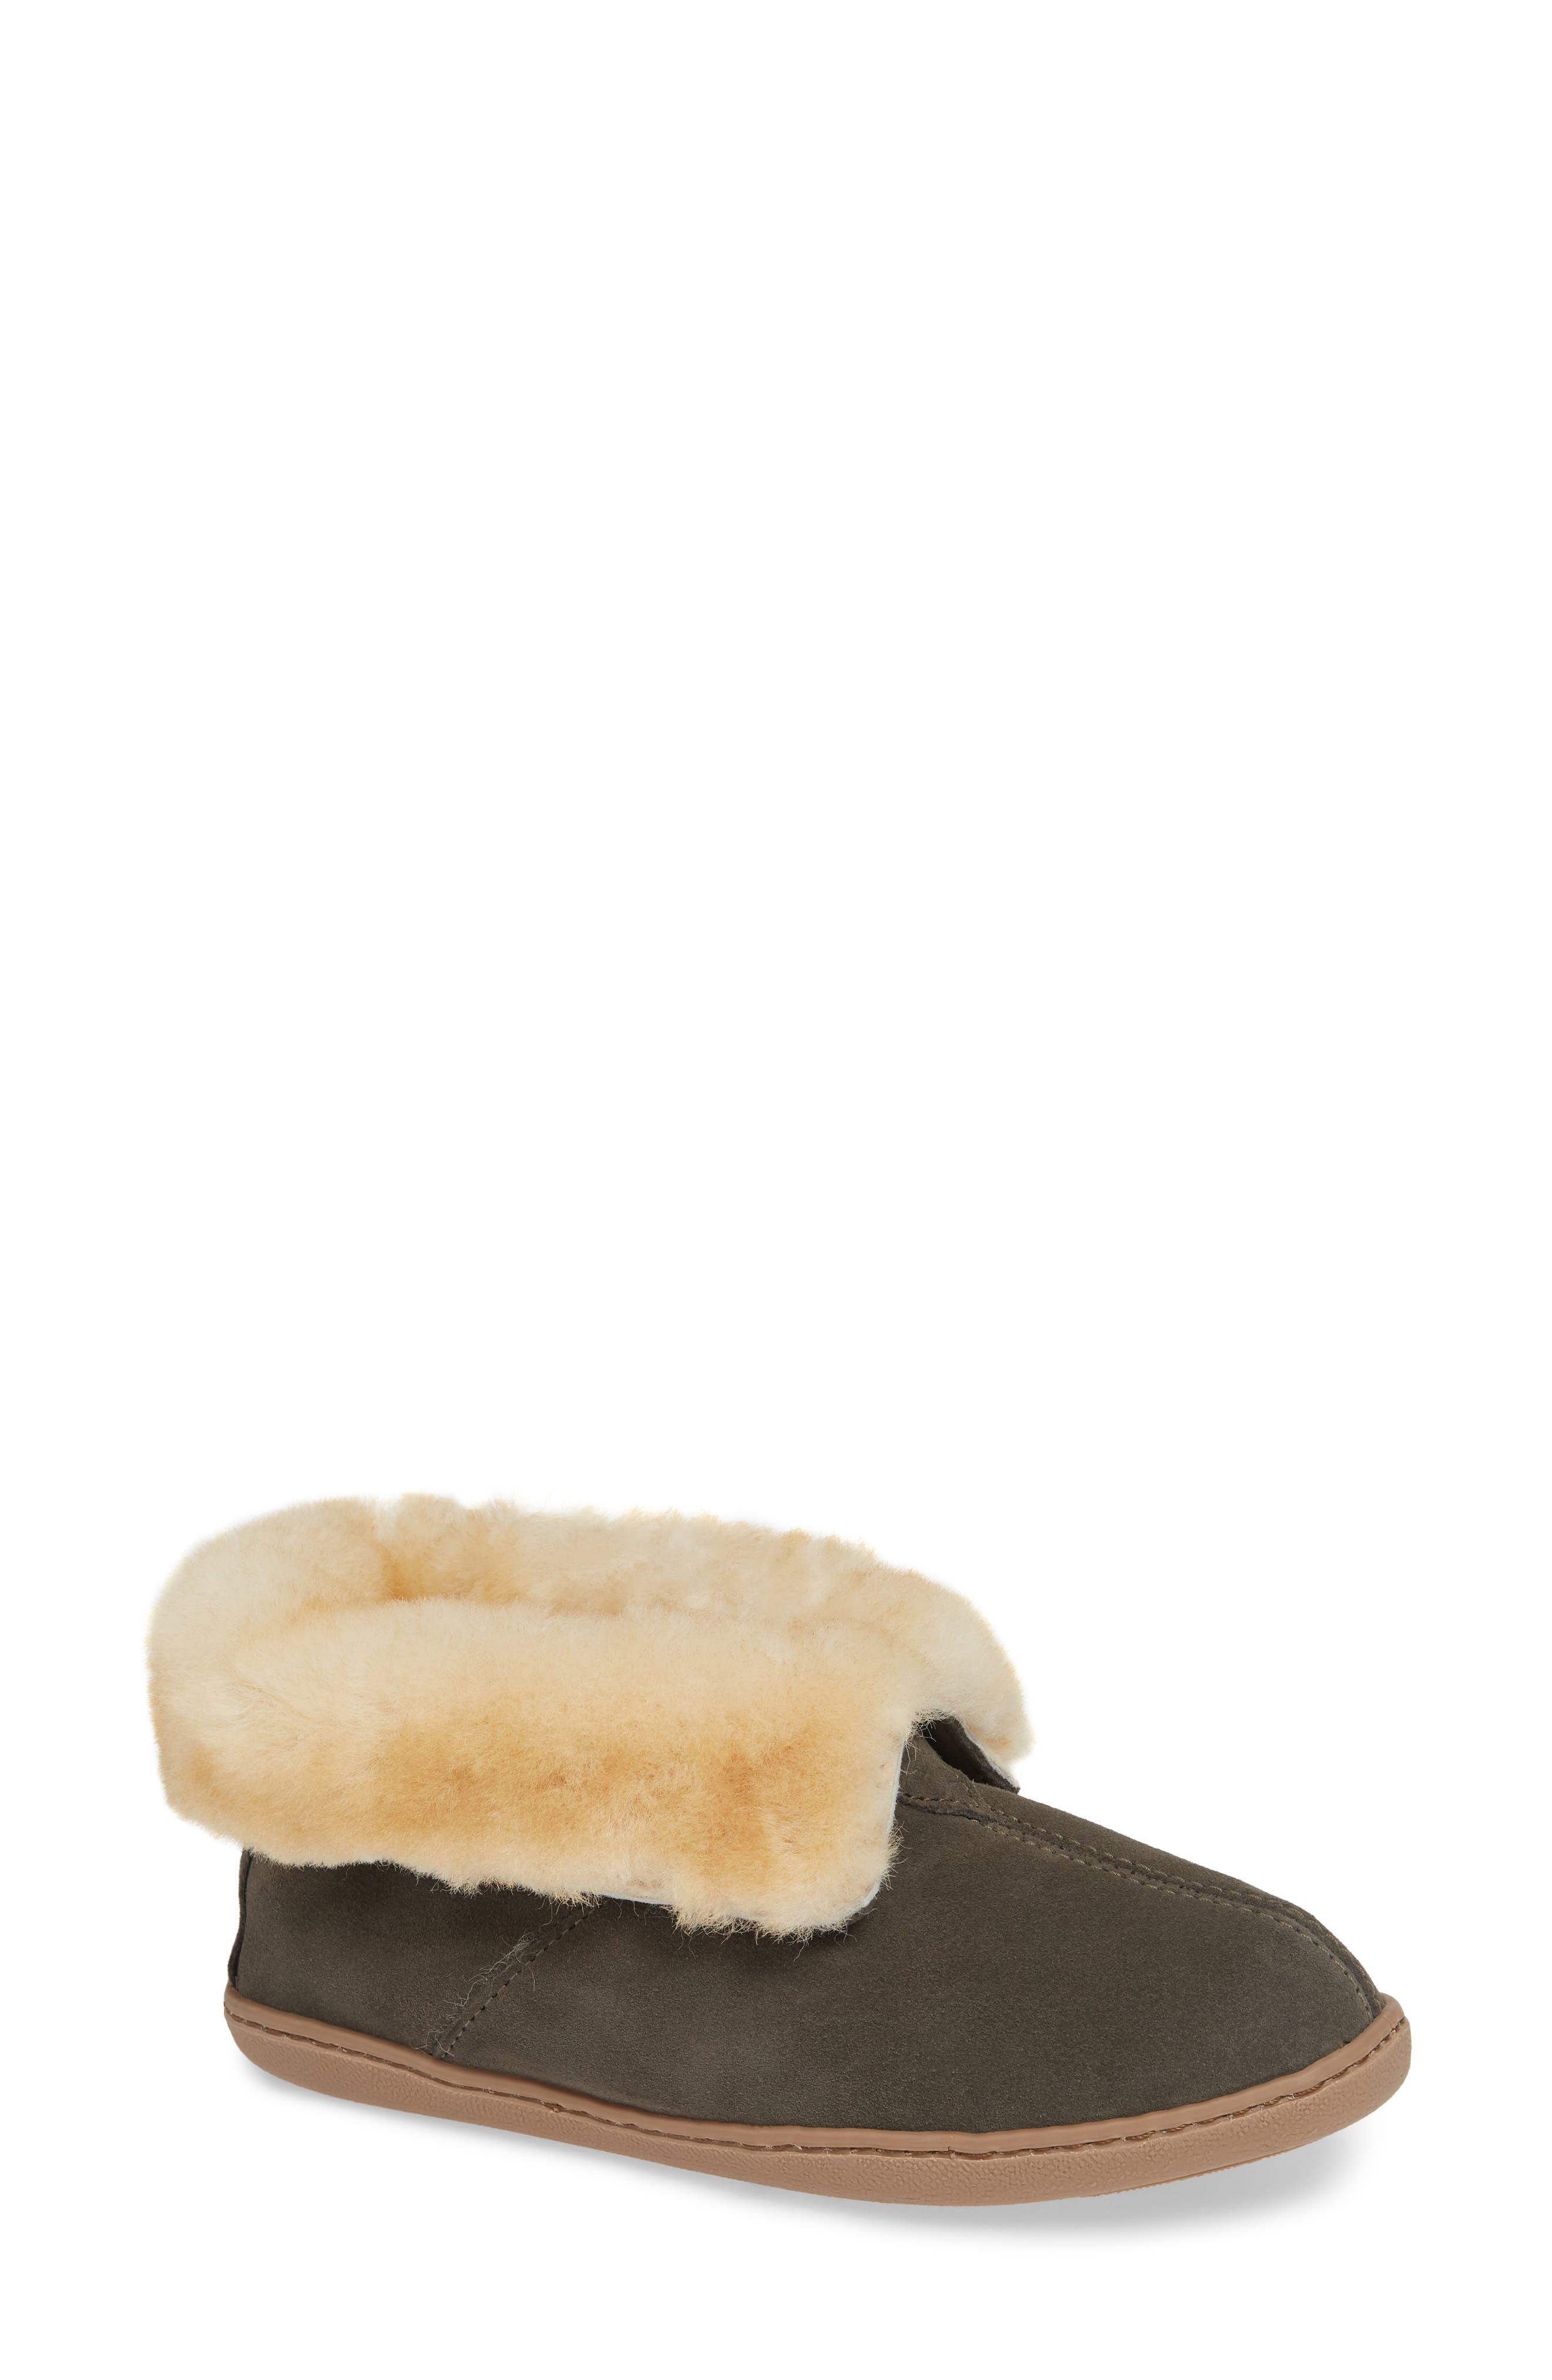 Minnetonka SHEEPSKIN SLIPPER BOOTIE